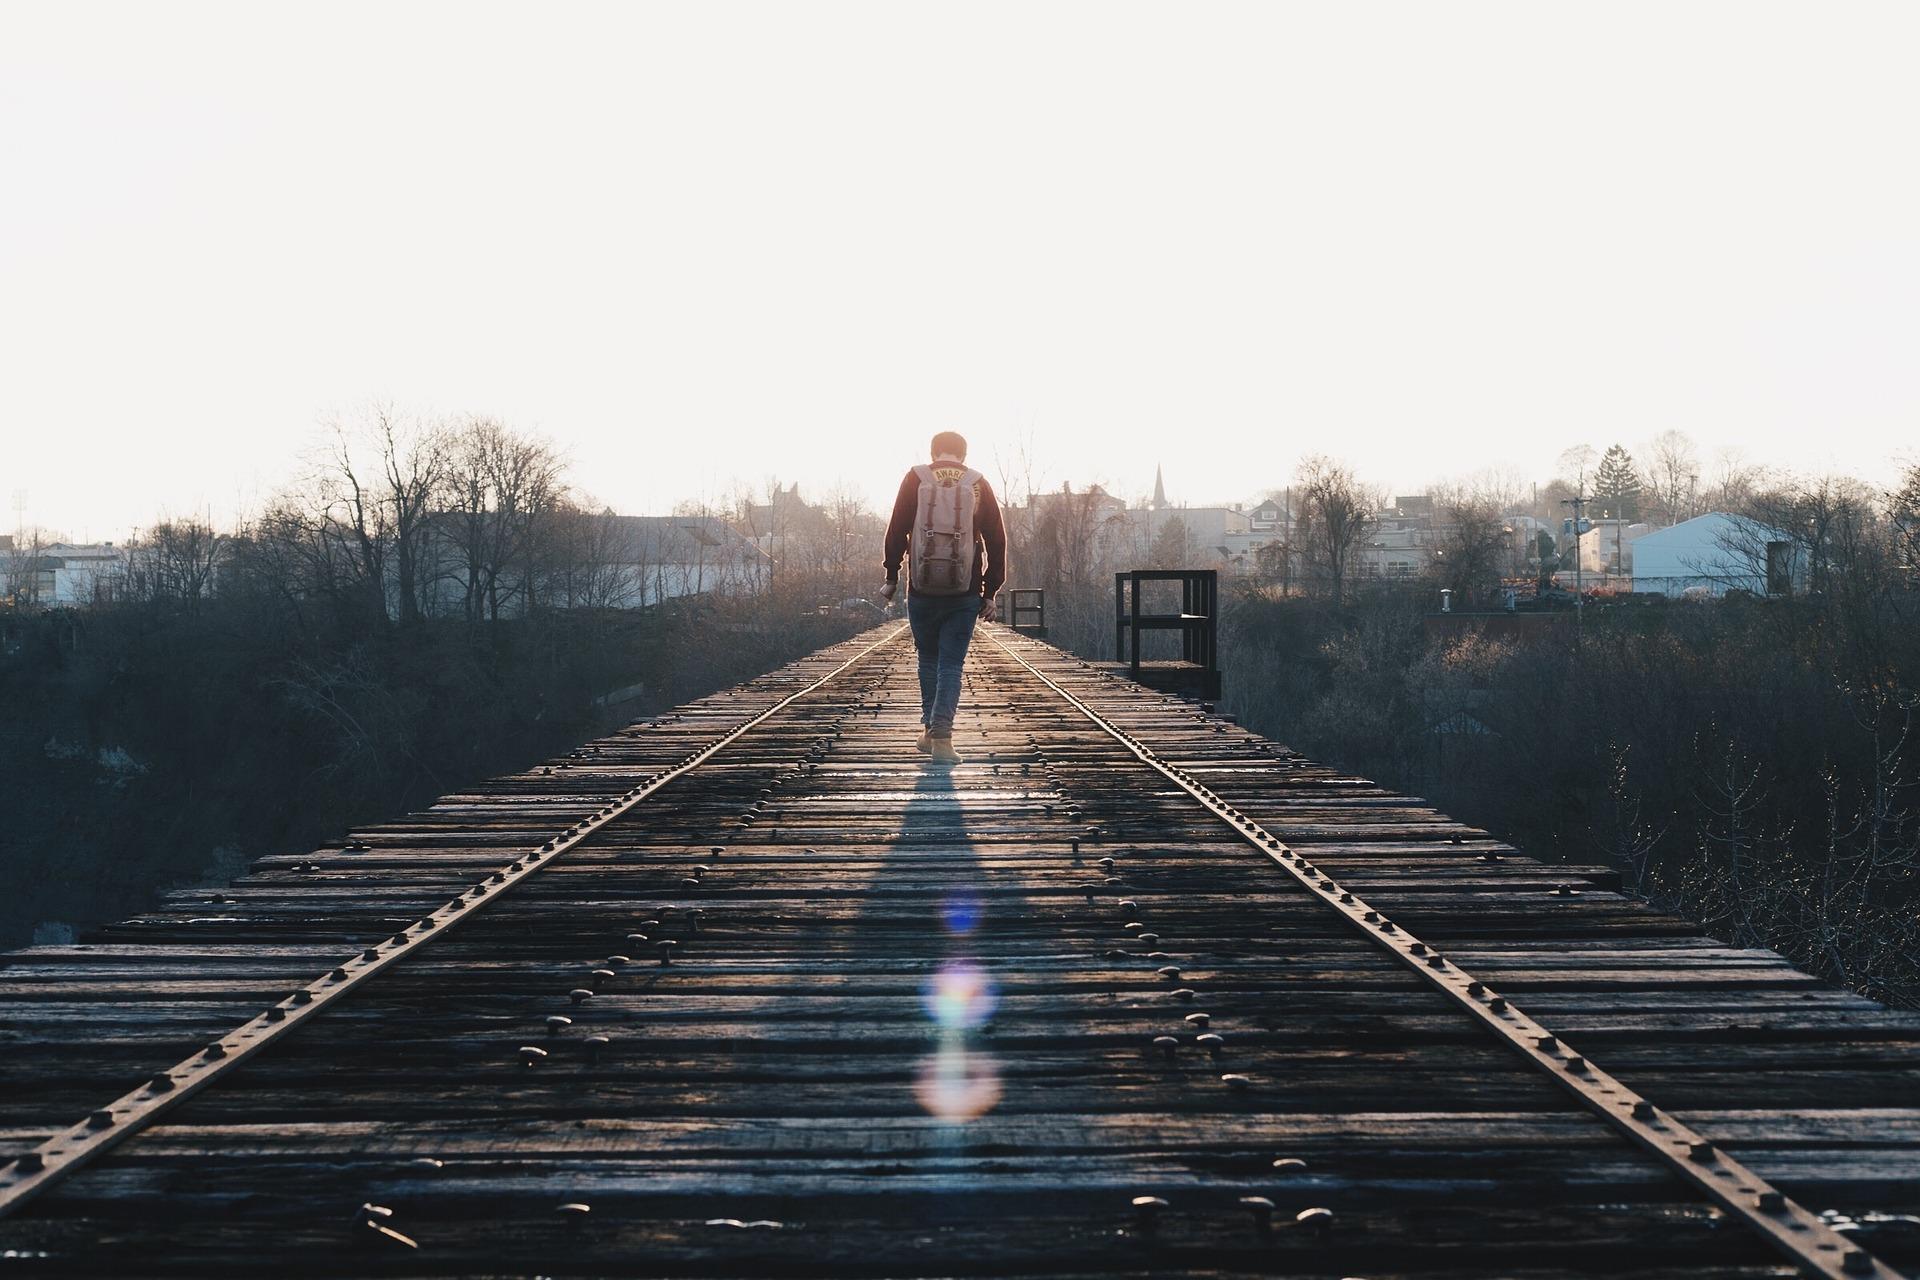 embarcar em uma jornada sozinho